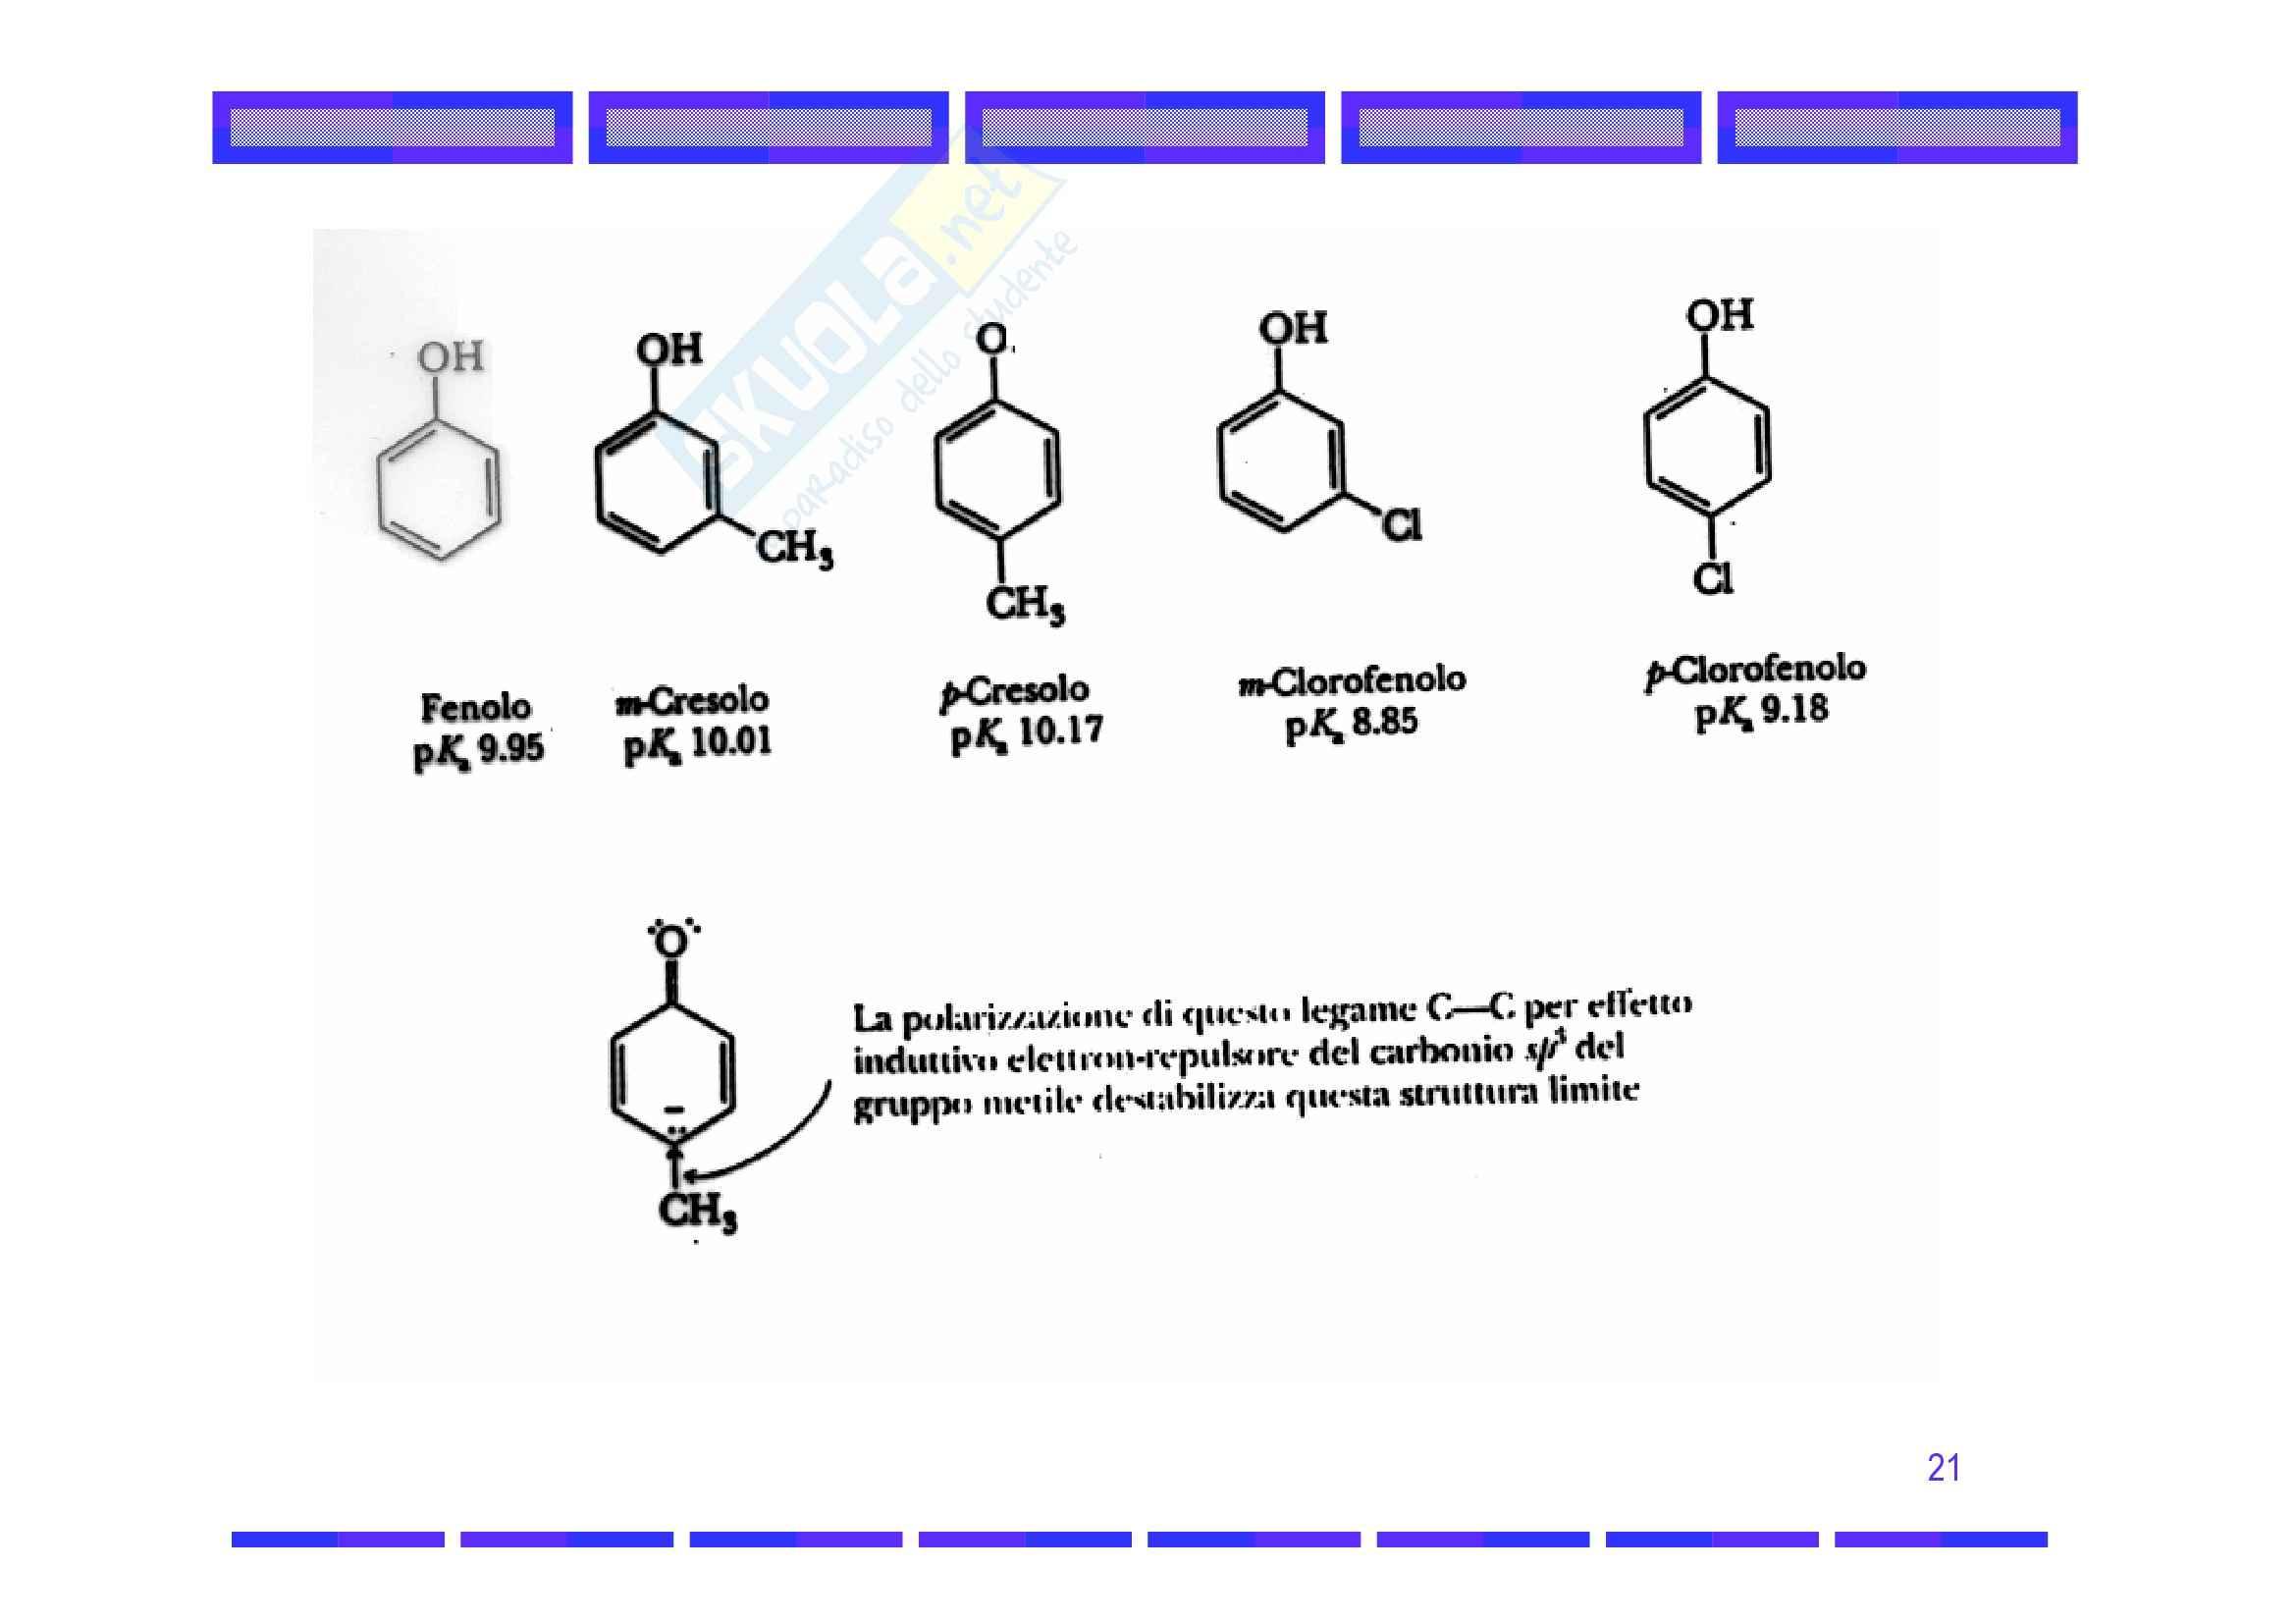 Chimica organica - effetto induttivo e mesomero Pag. 21